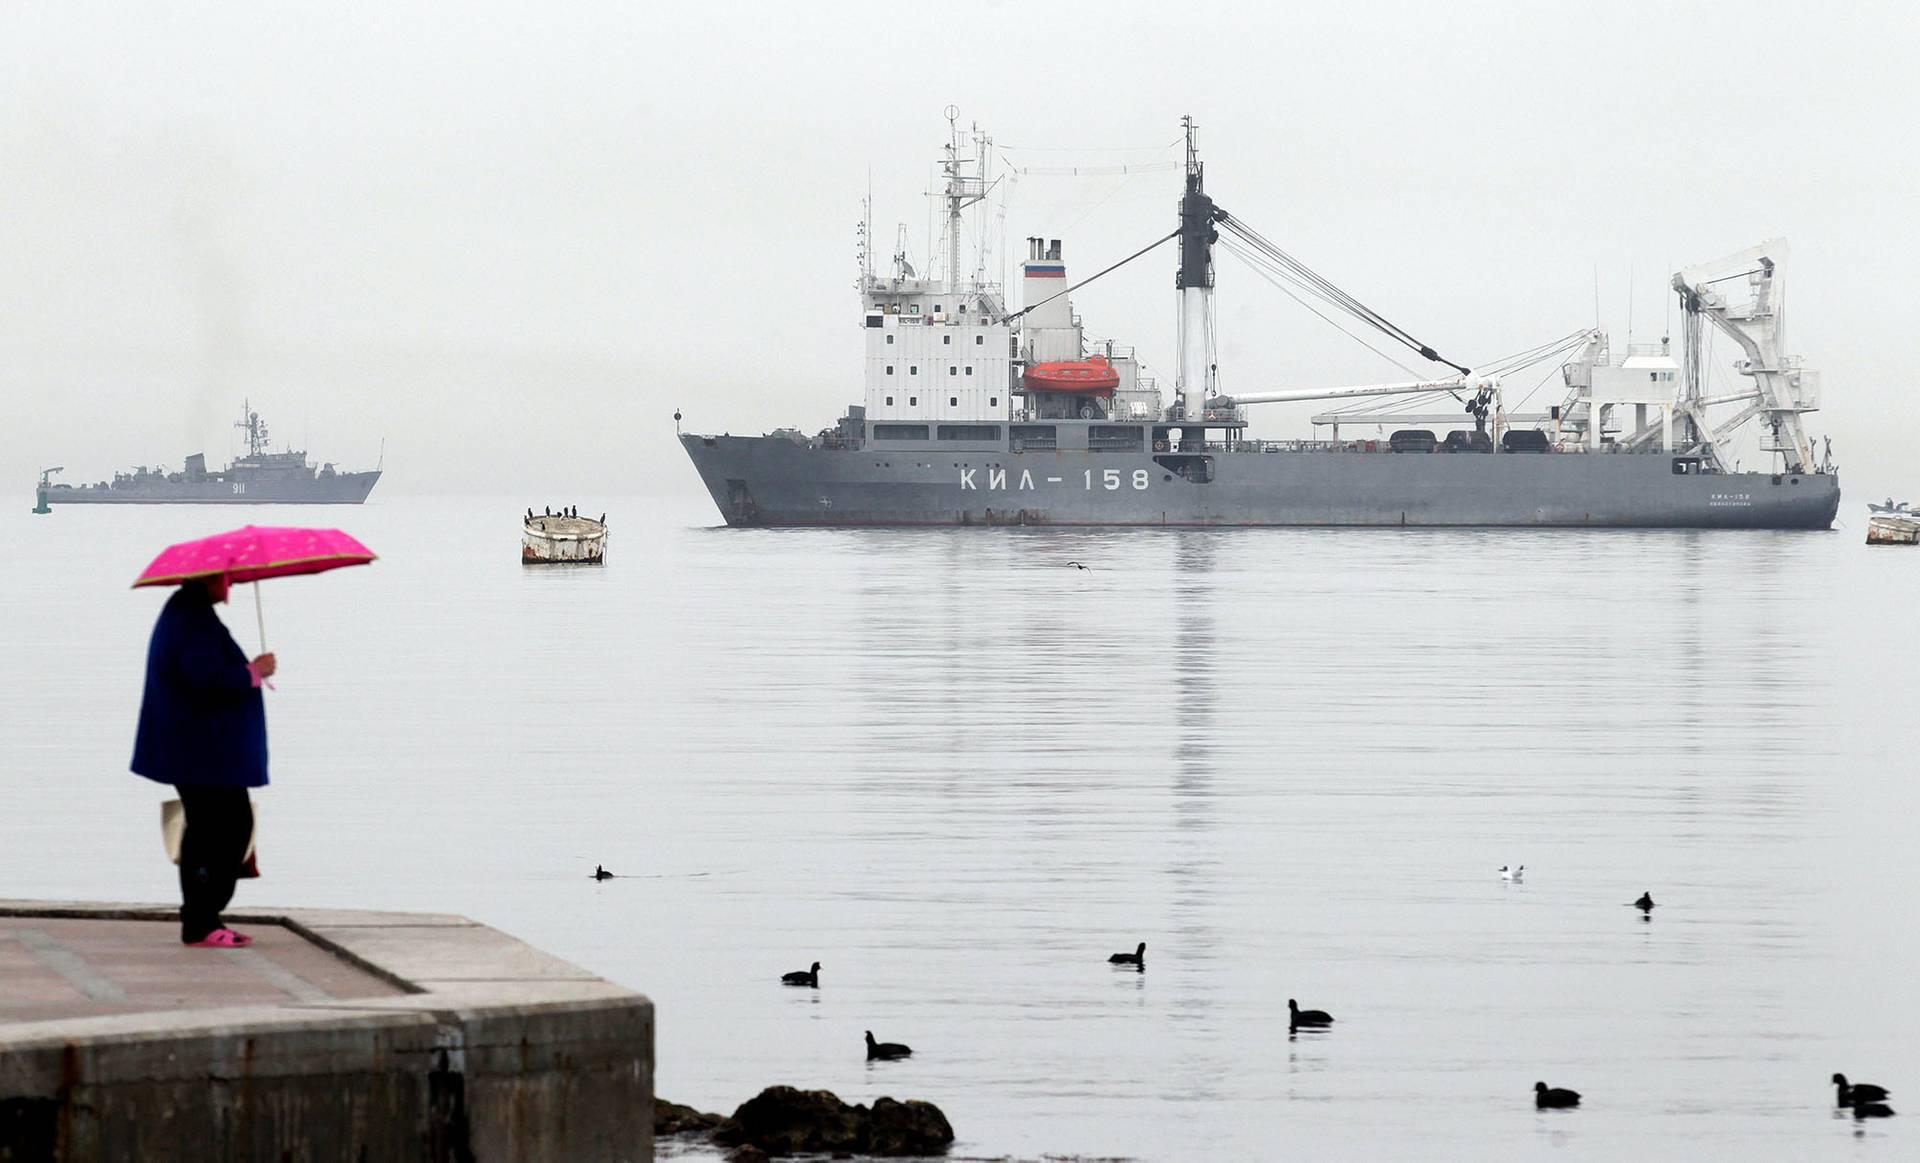 Кораблі військово-морського флоту Росії блокують вхід і вихід у море українським військовим катерам в Стрілецькій бухті у Севастополі, Крим, 4 березня 2014 року